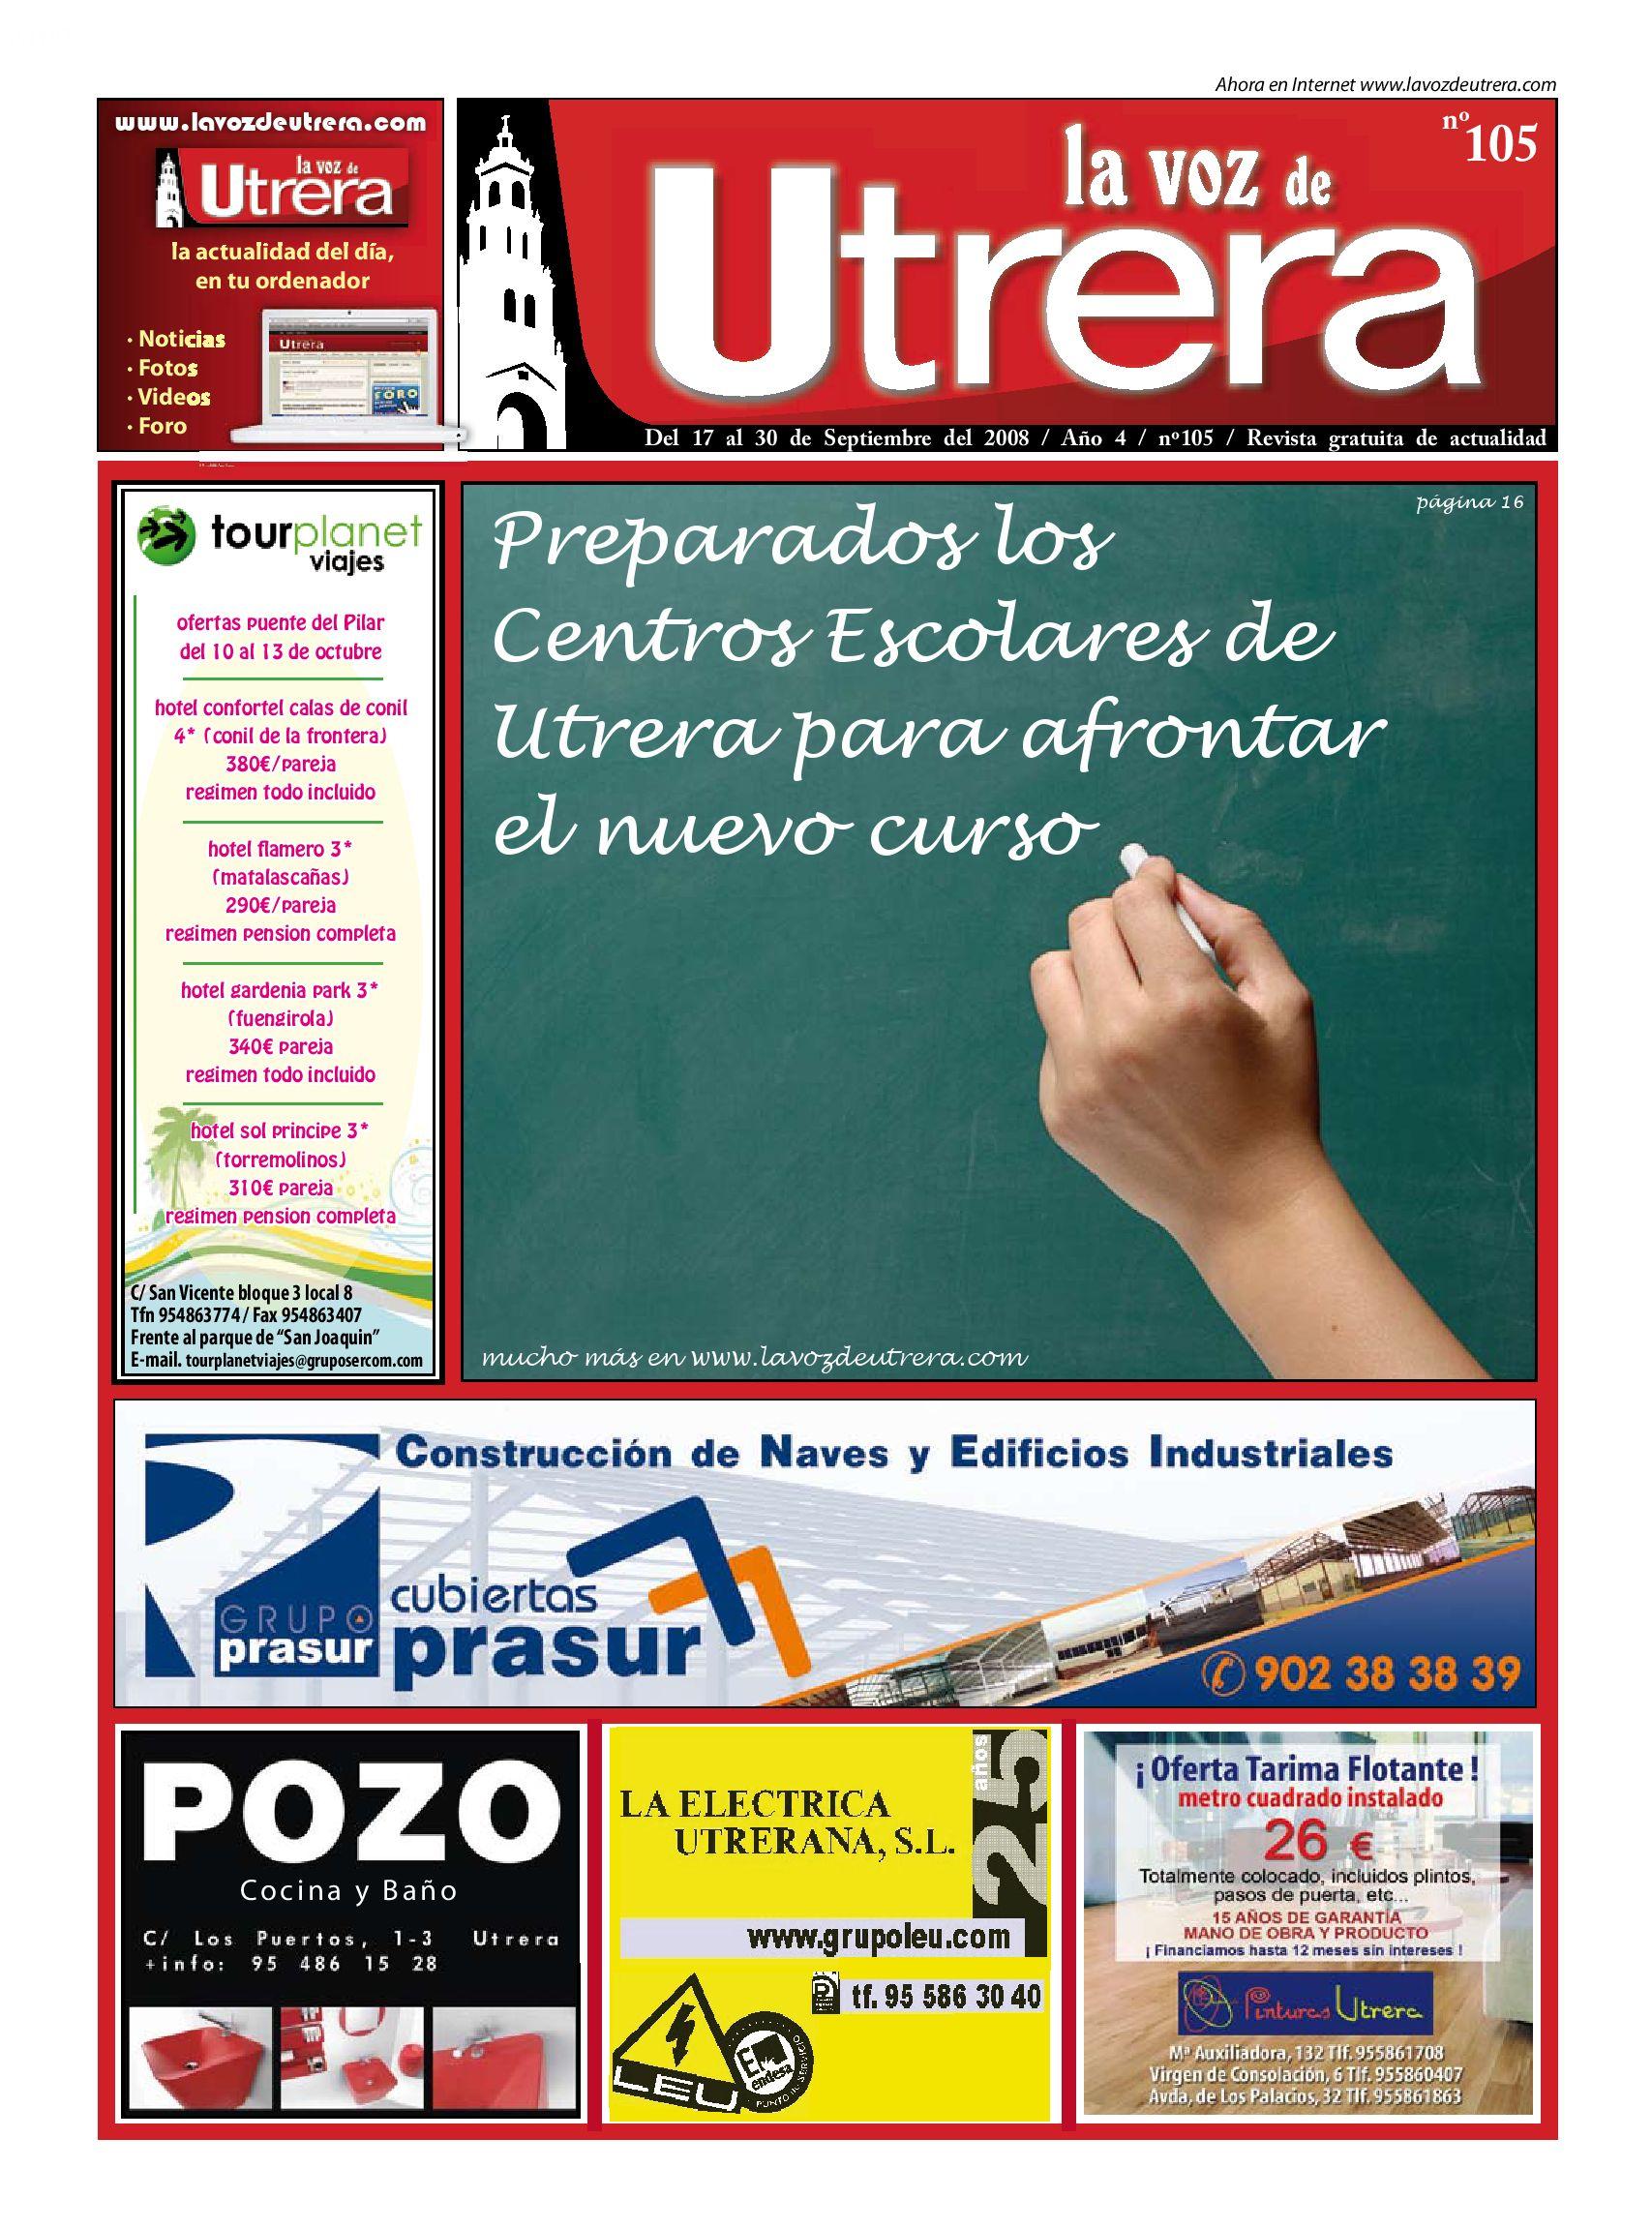 La Voz de Utrera, Nº105 by Andrés Amarillo - issuu